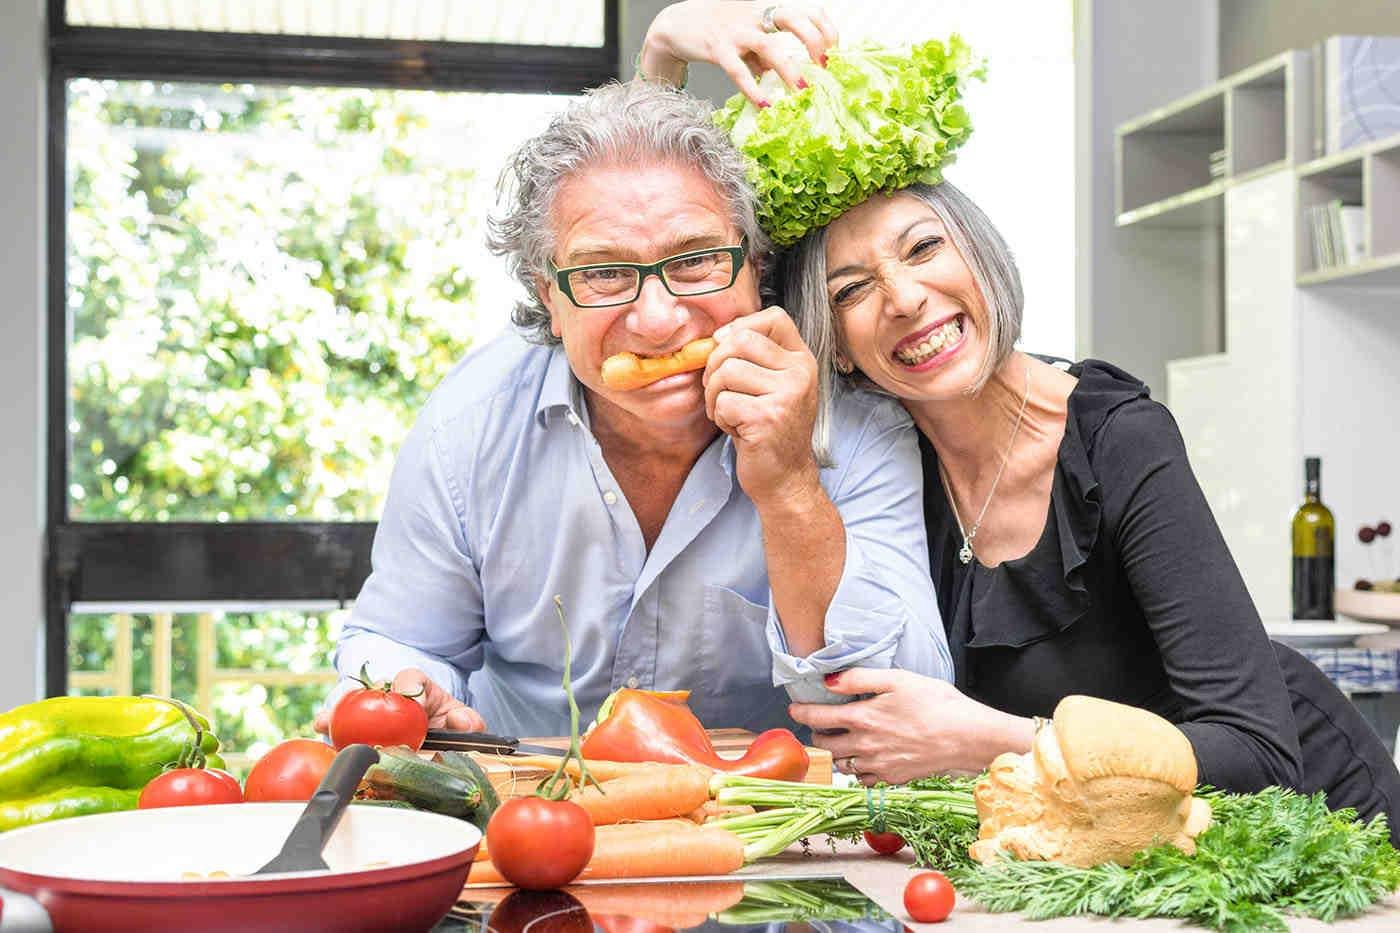 Tensiunea arterială scade cu o dietă bazată pe fructe și legume [studiu]